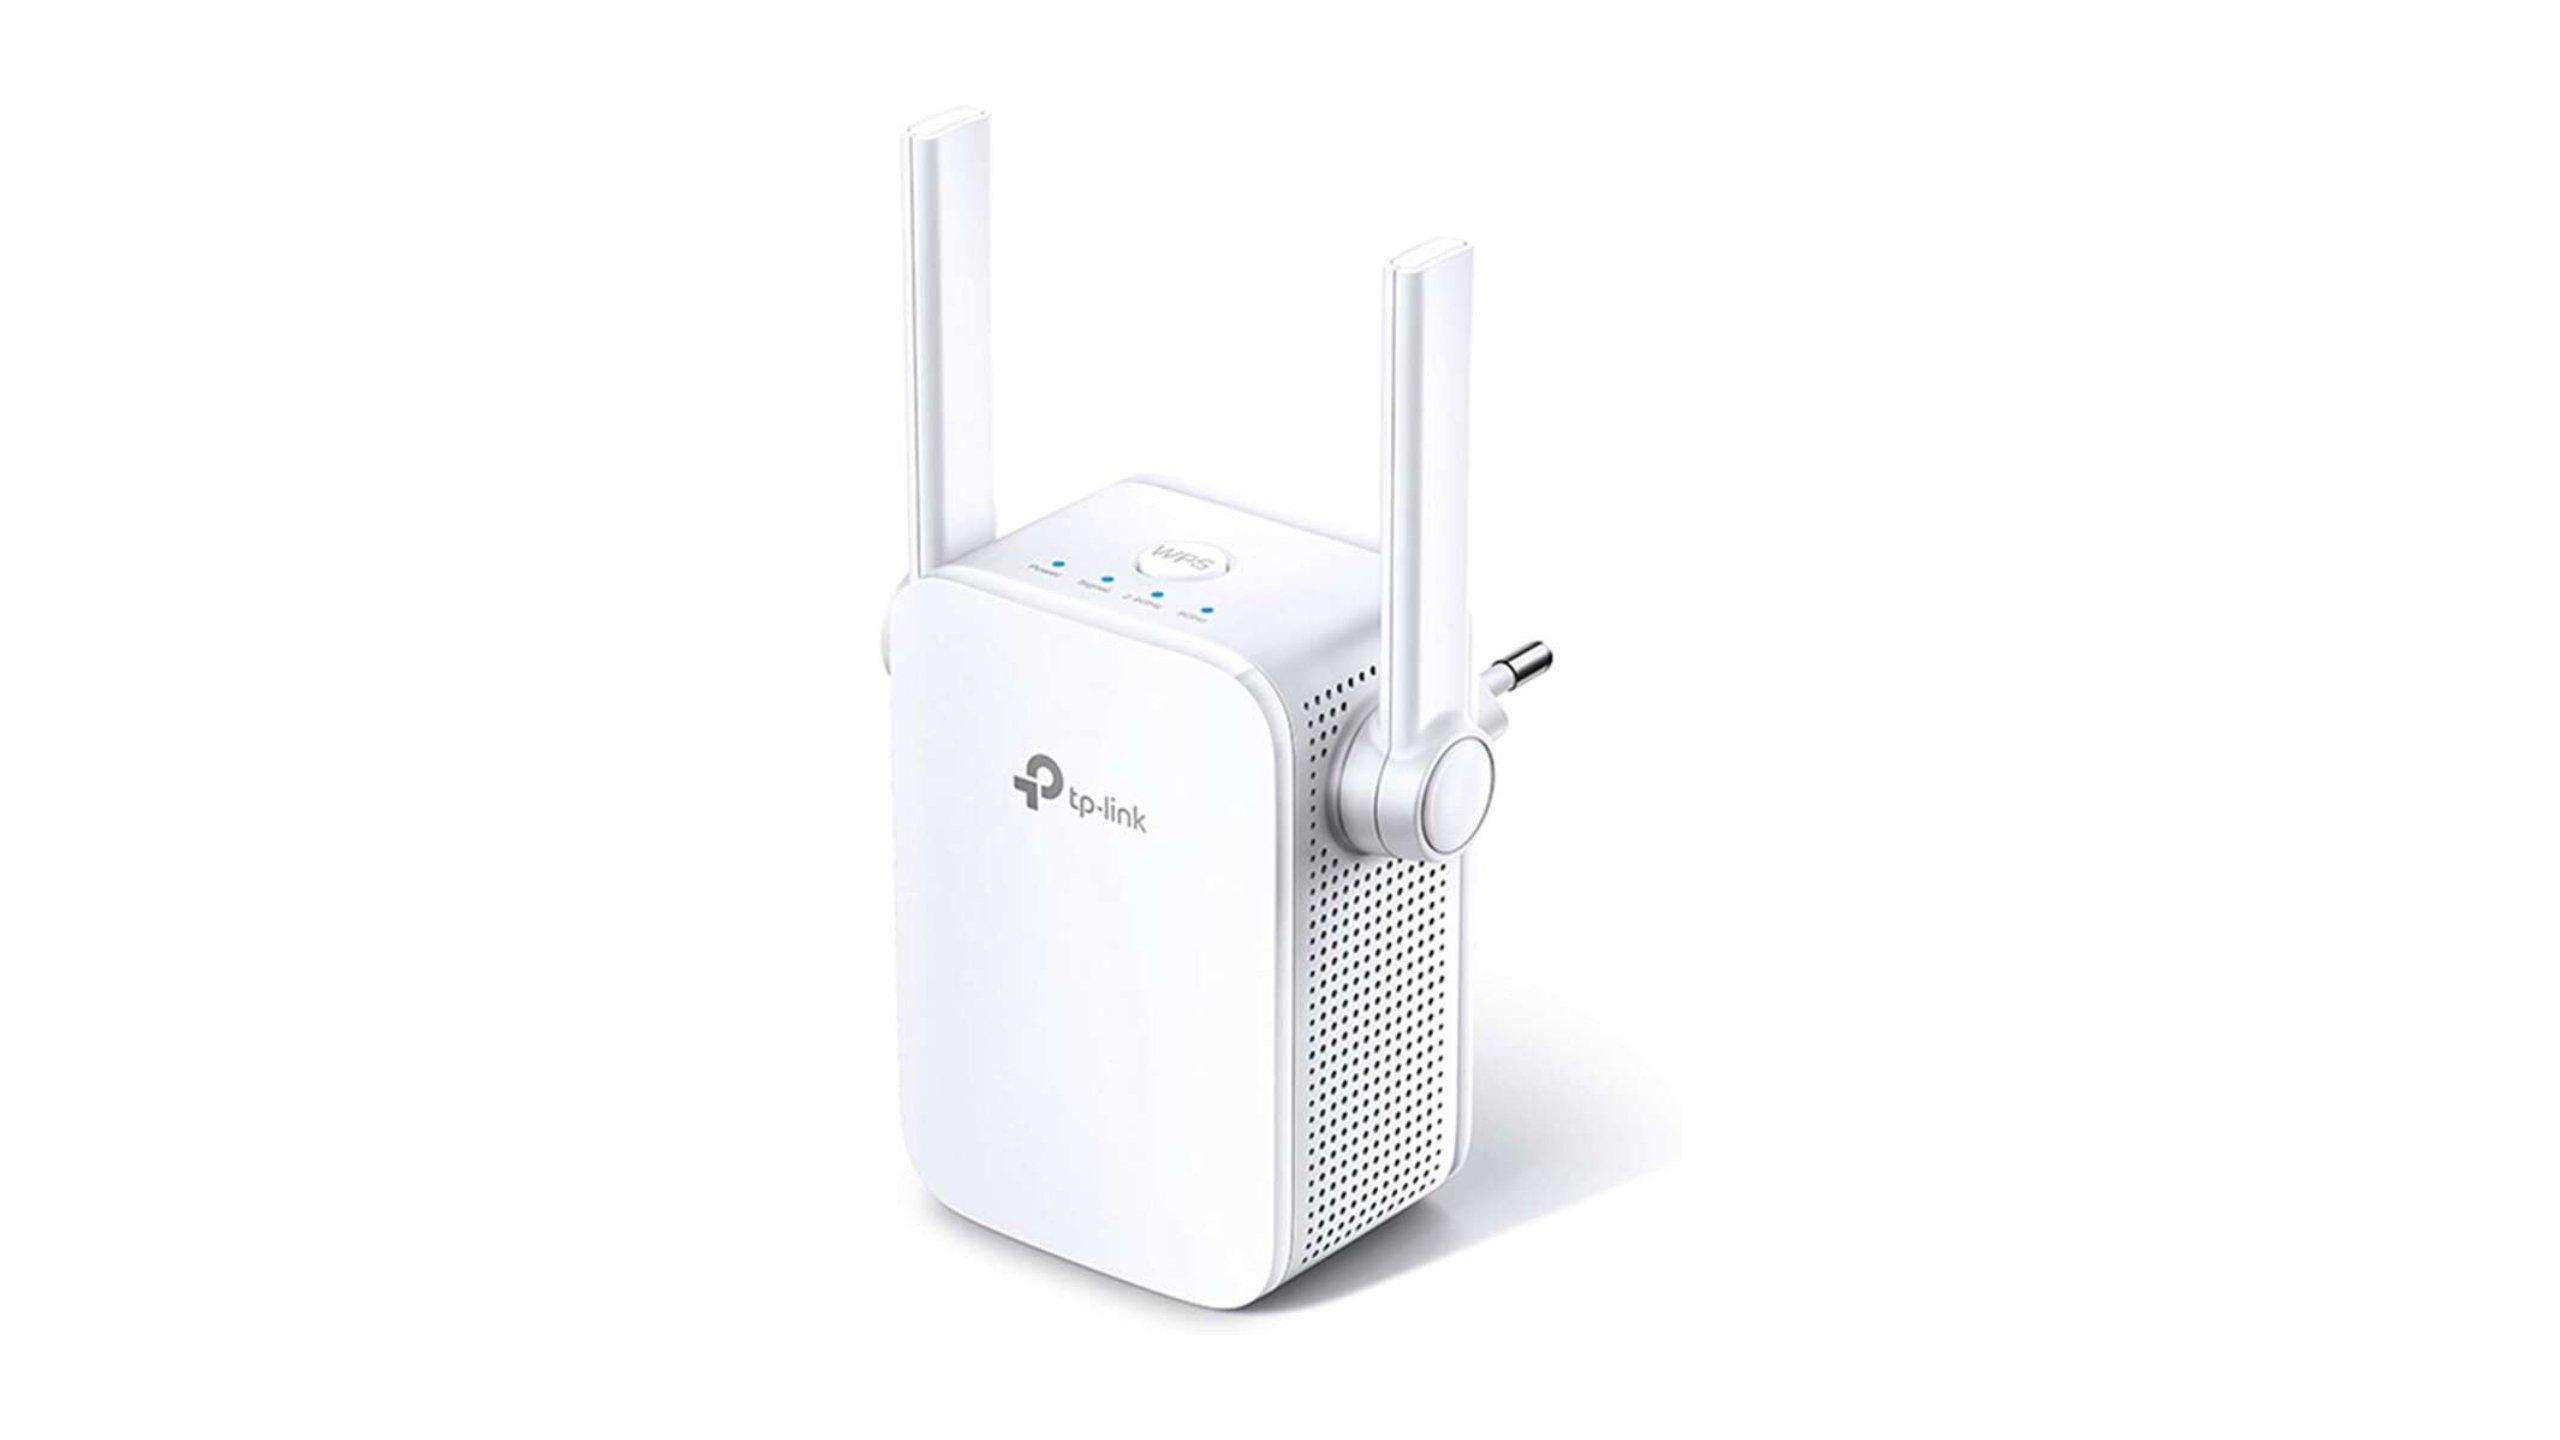 Lidl : dites adieu aux problèmes de connexion Wi-Fi grâce à cet article révolutionnaire à petit prix